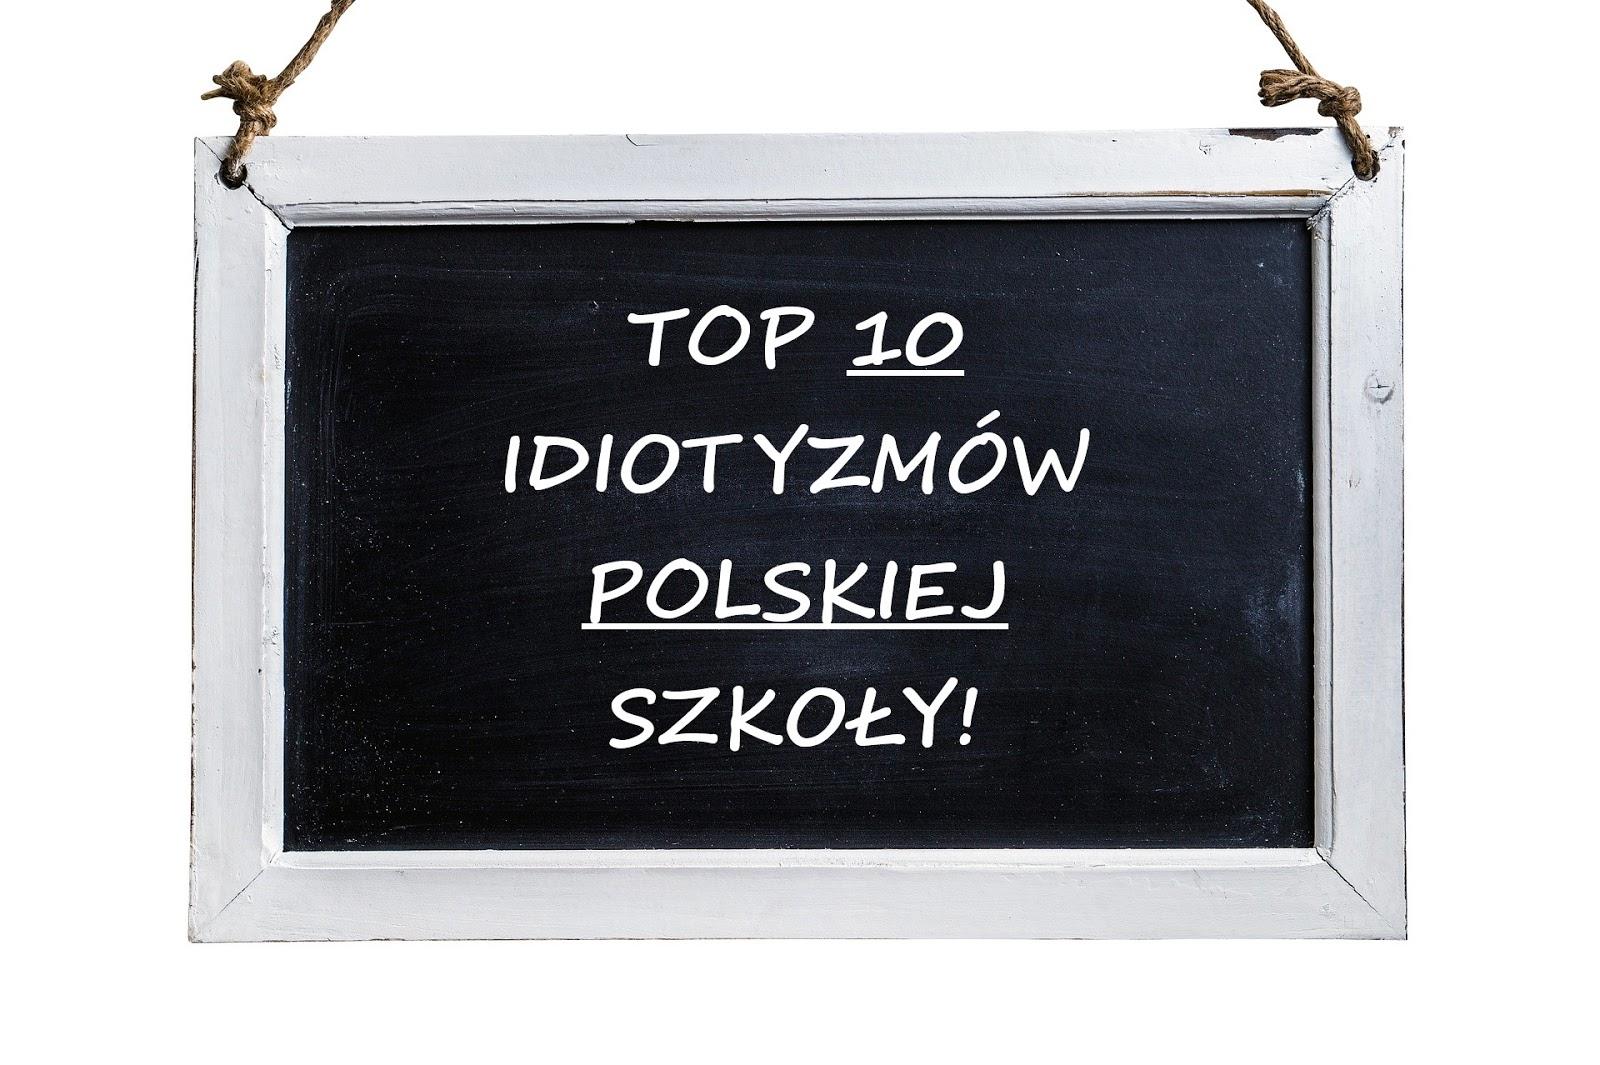 TOP 10 IDIOTYZMOW POLSKIEJ SZKOŁY